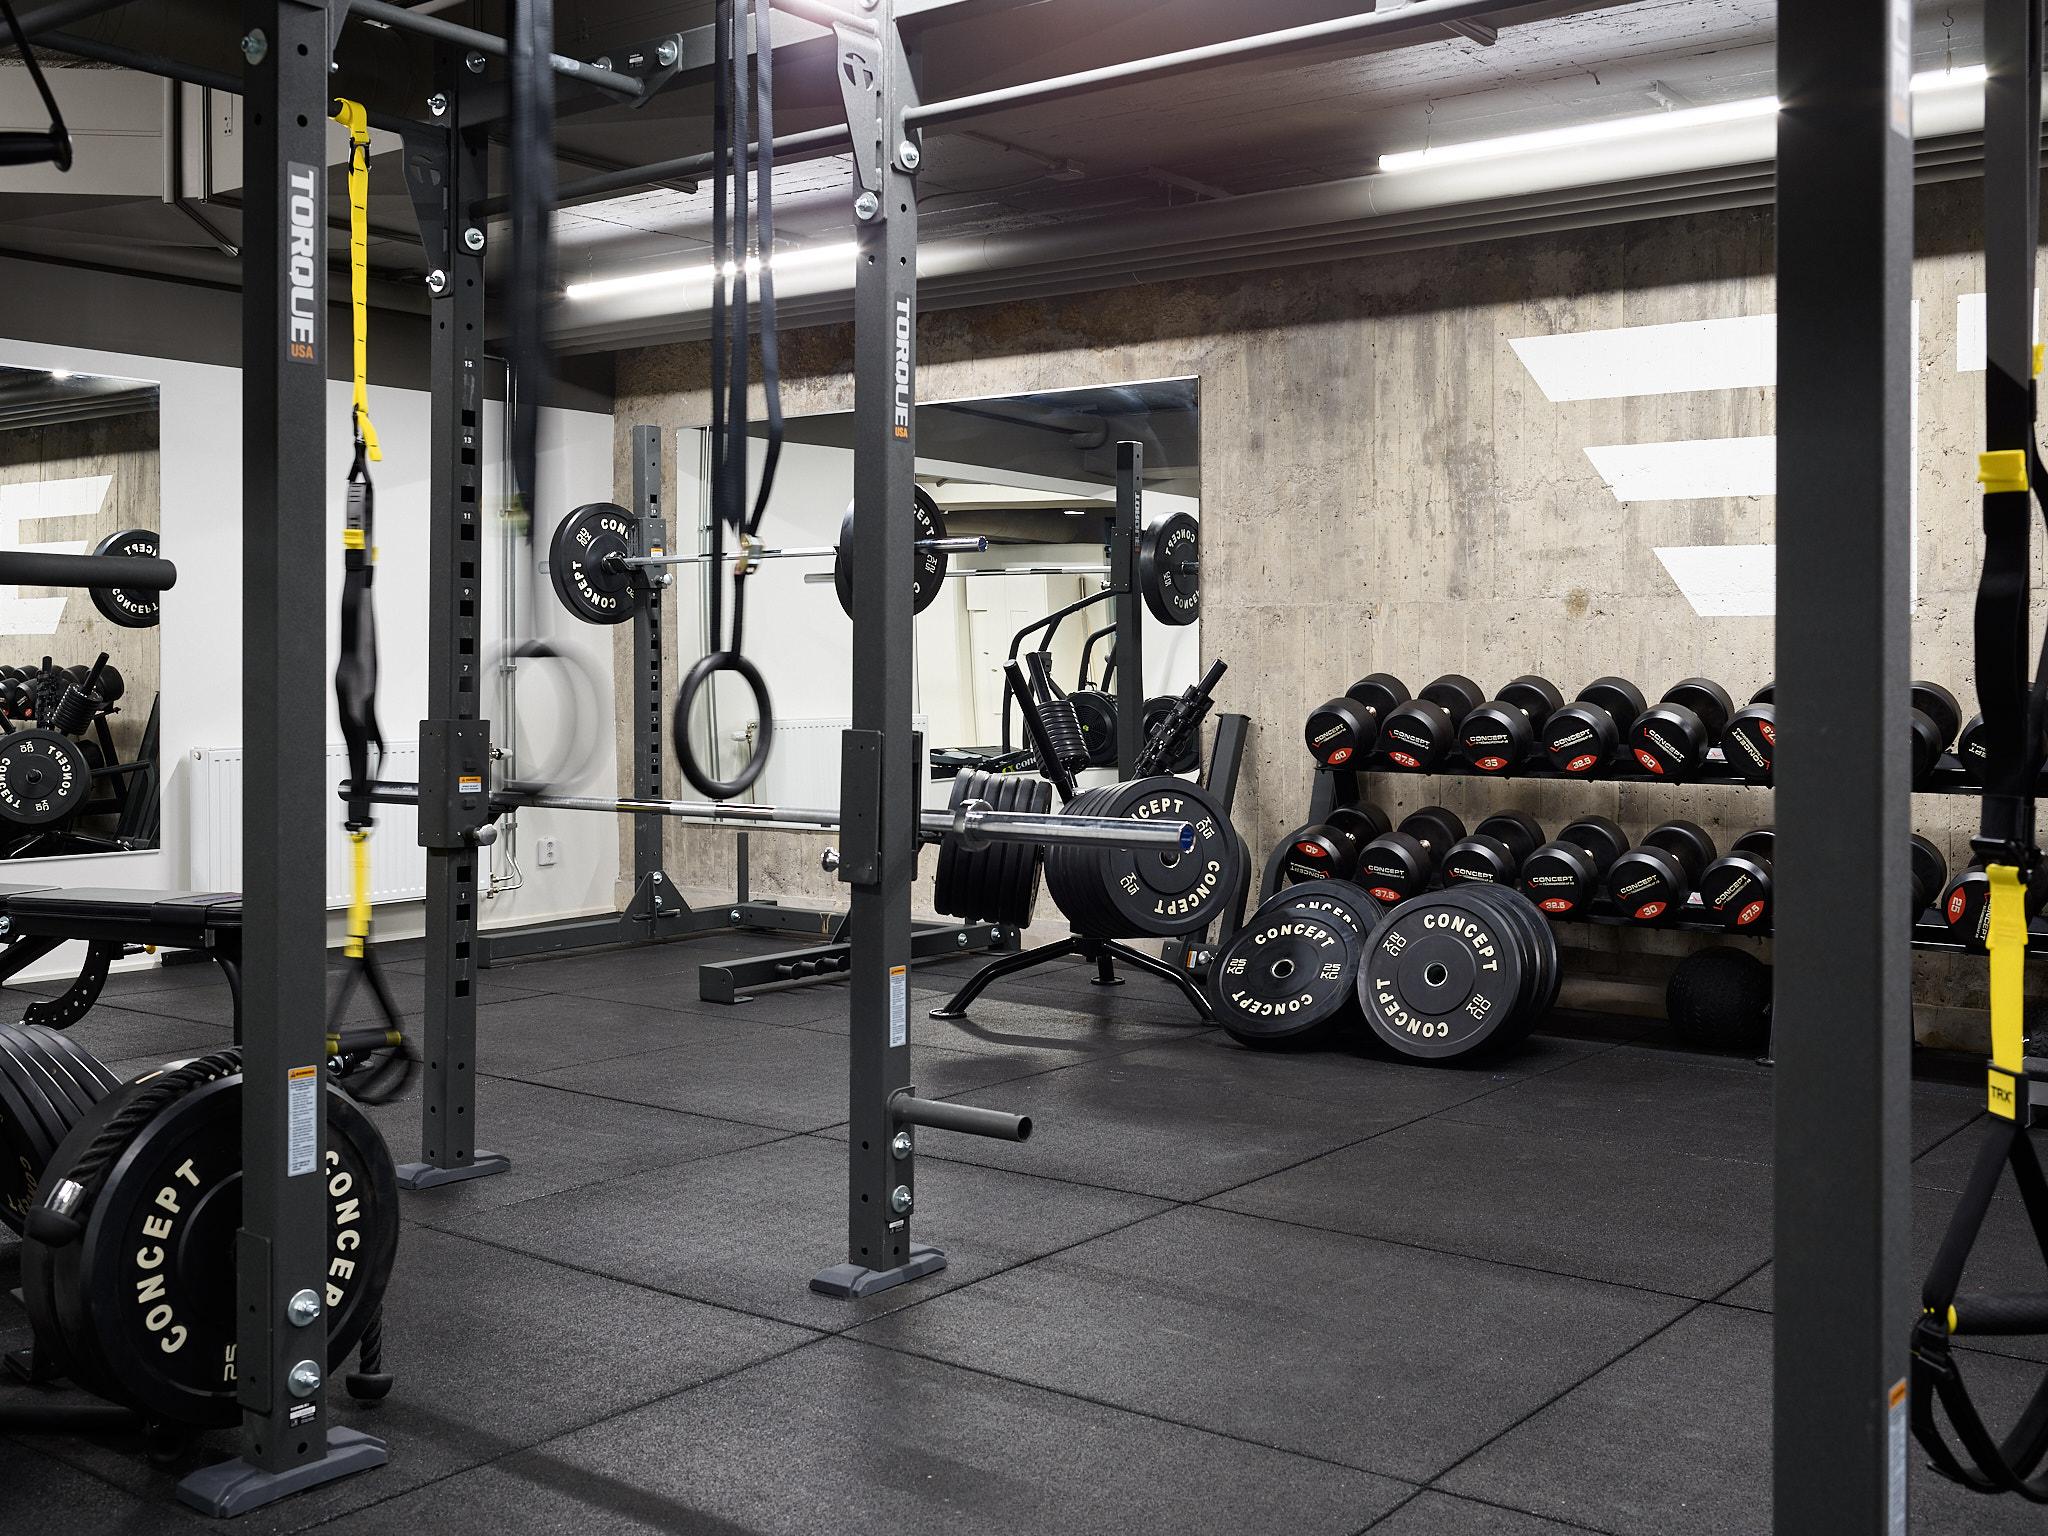 Ditt gym - Du kan och du vill. I vårt gym så kan du uppnå dina mål. Vi erbjuder ett komplett gym från Concept träningsredskap där du och våra tränare hjälper dig nå dit du vill - hitta din styrka.